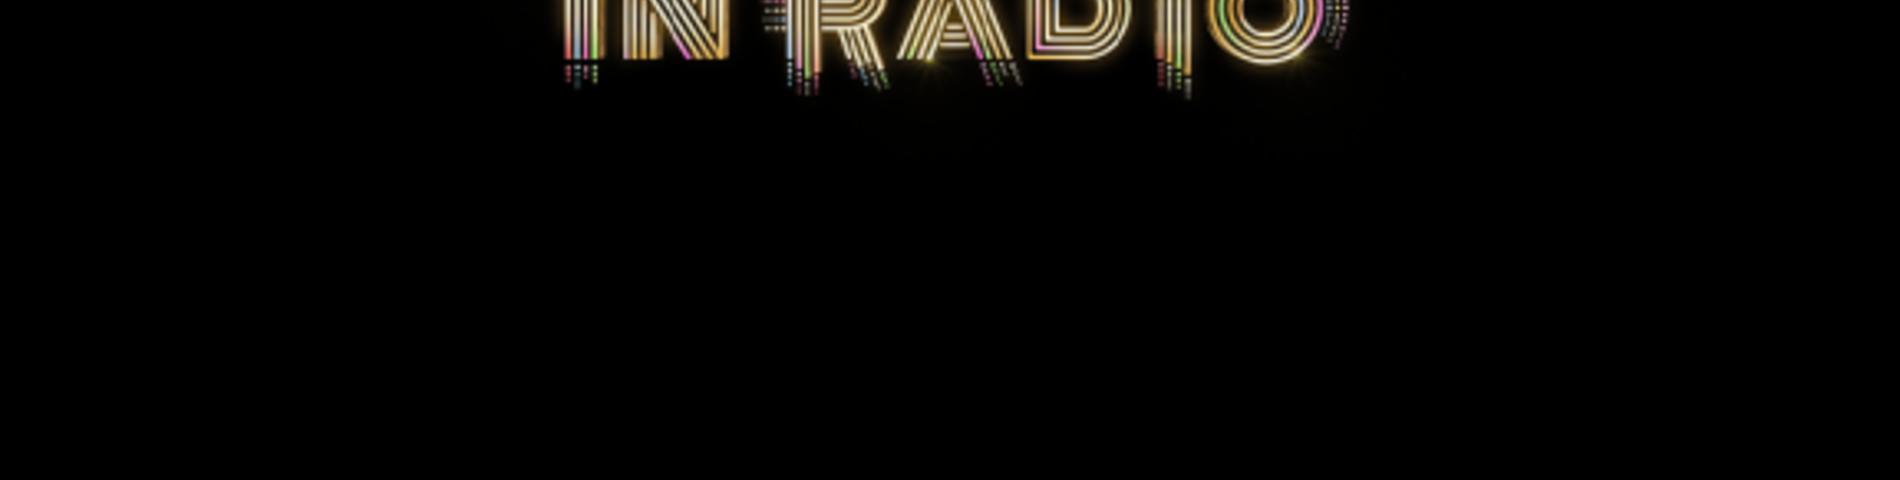 Capodanno 2021 in radio a reti unificate: ecco dove